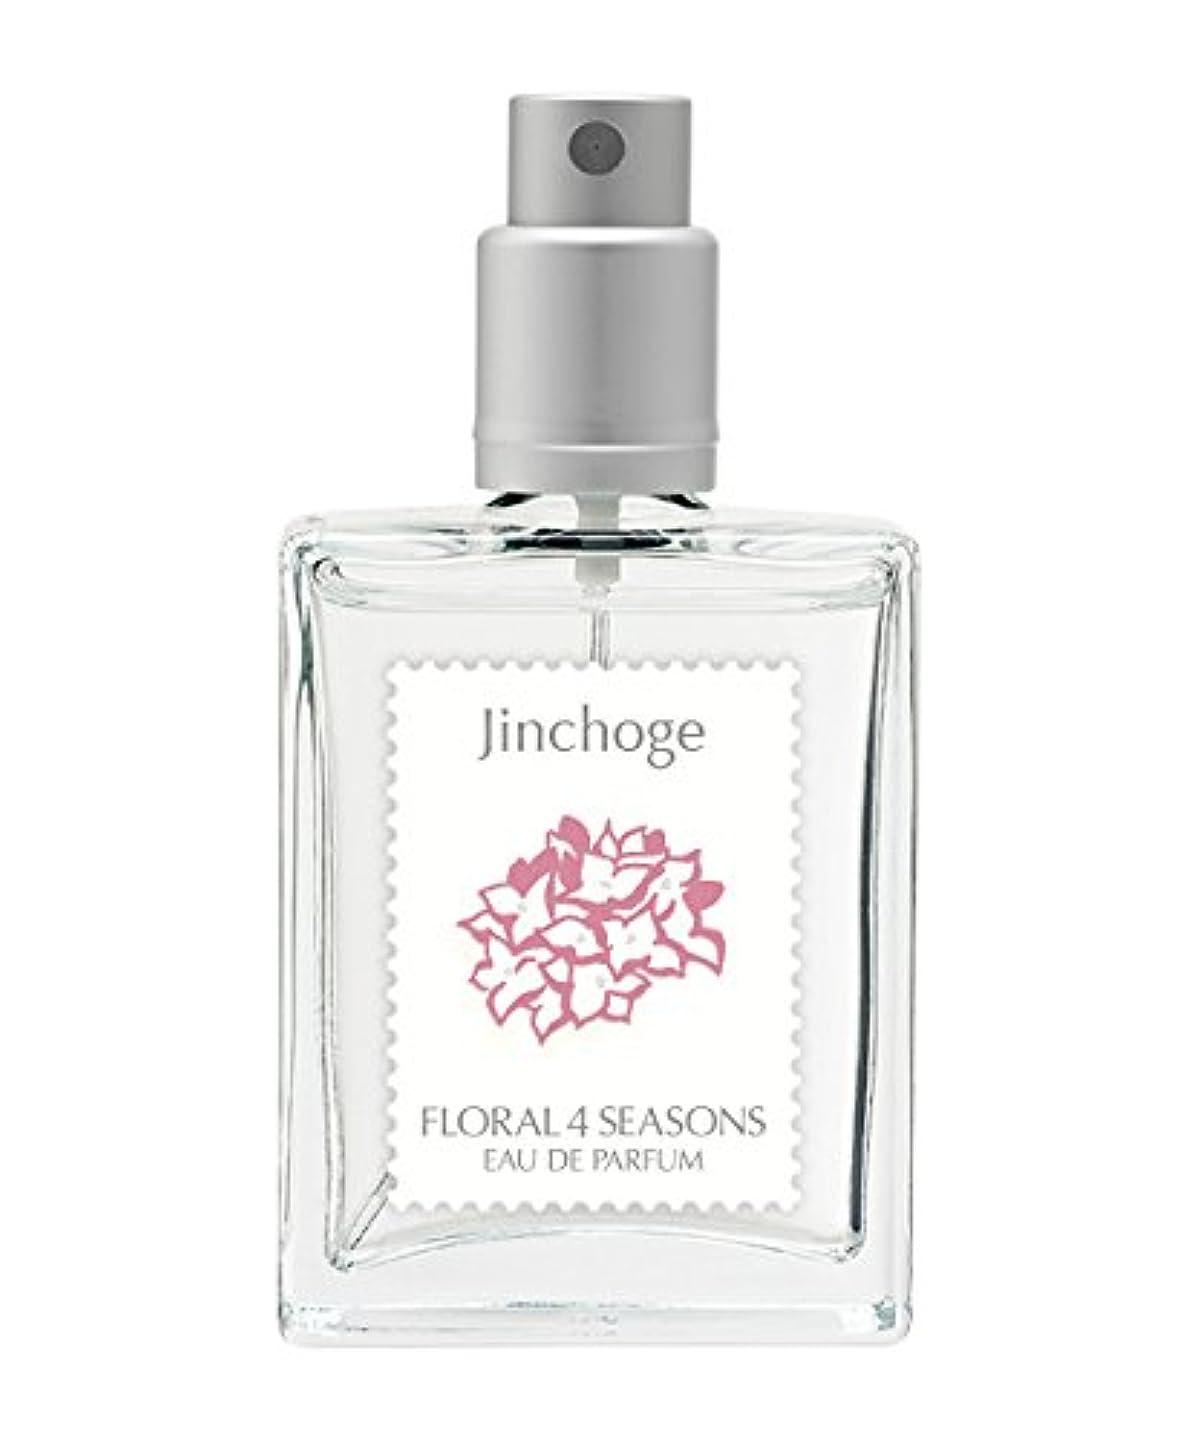 あいにくツーリスト希望に満ちた武蔵野ワークスの香水「沈丁花」(ジンチョウゲ)(EDP/25mL)